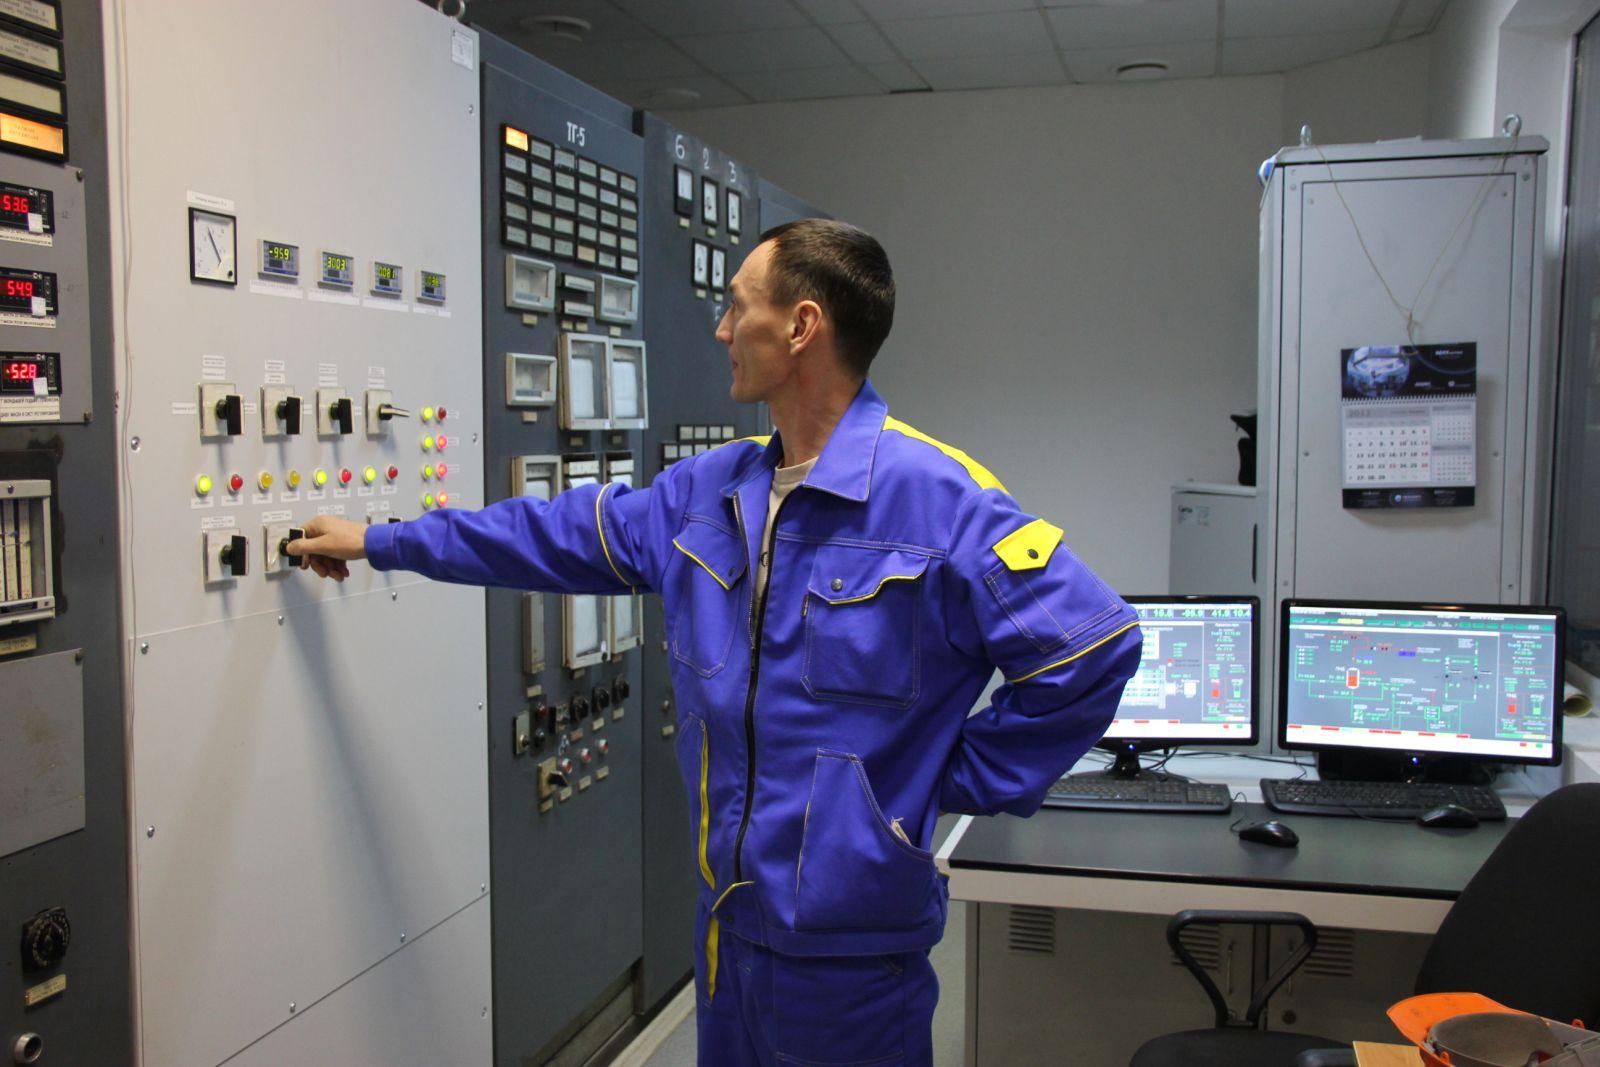 Гост р 55963-2014 лифты. диспетчерский контроль. общие технические требования, гост р от 06 марта 2014 года №55963-2014